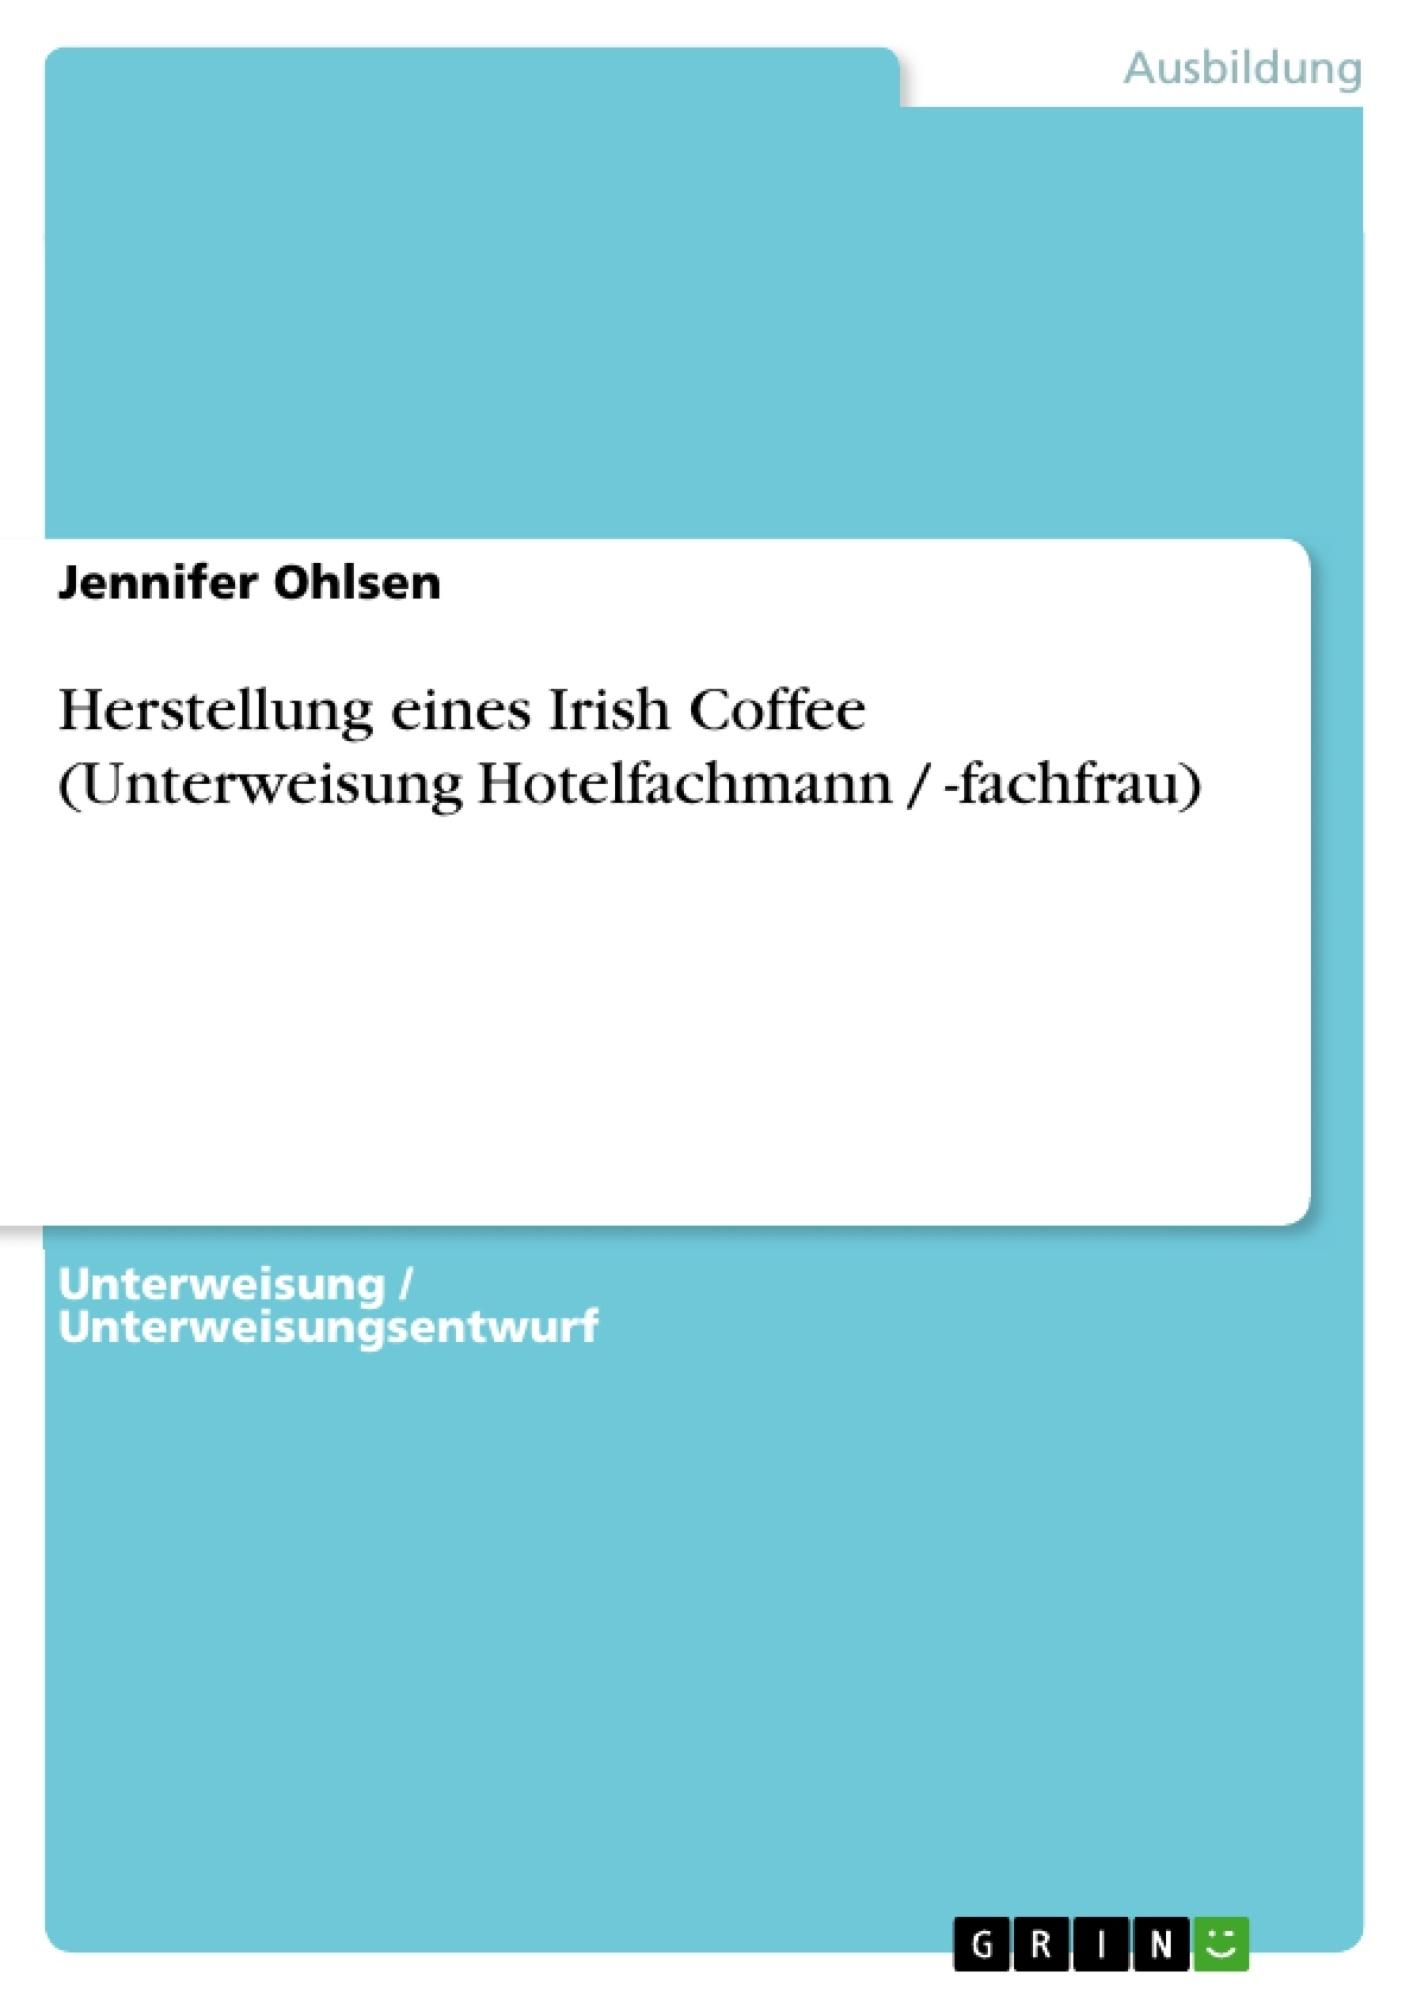 Titel: Herstellung eines Irish Coffee (Unterweisung Hotelfachmann / -fachfrau)